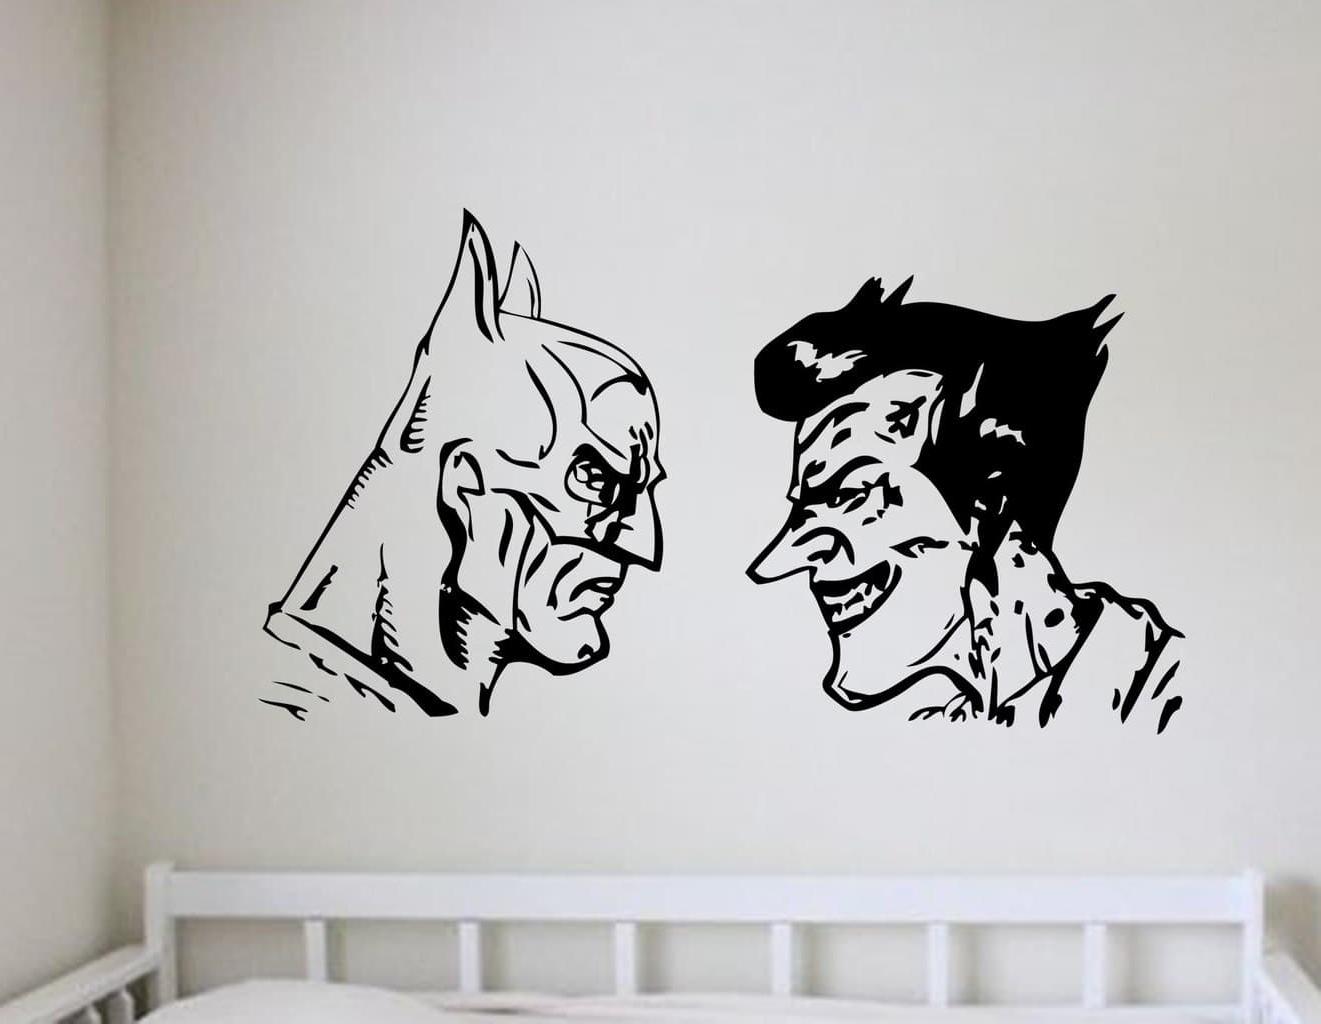 Joker Wall Art Regarding Newest Batman And Joker Wall Art Decal (Gallery 2 of 15)